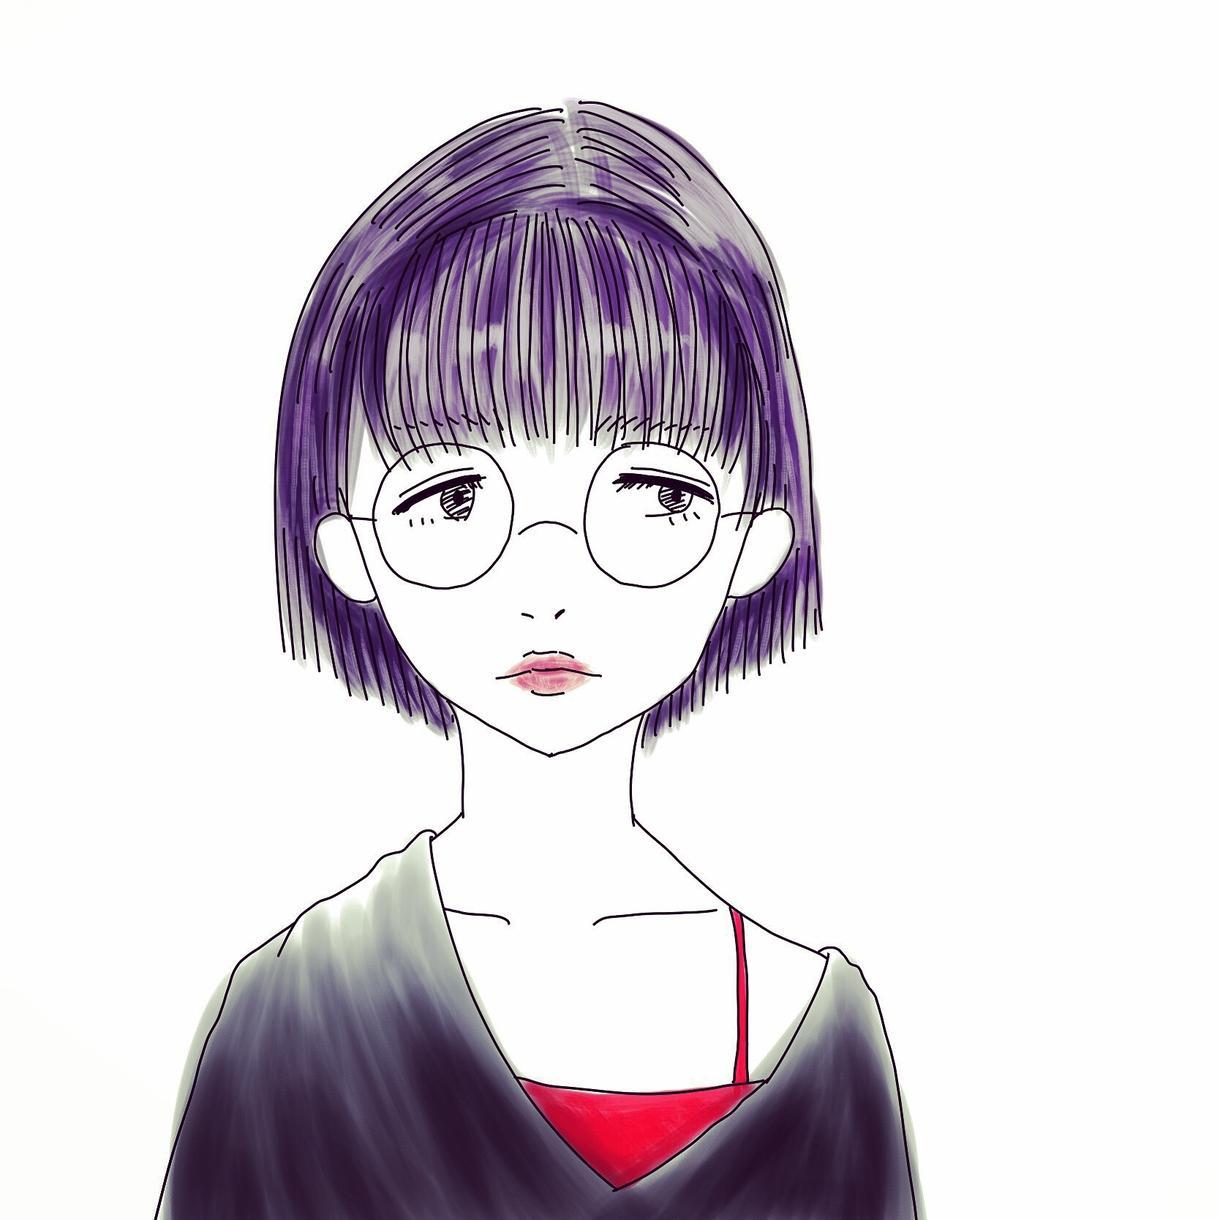 おしゃれ又はゆるいイラスト・似顔絵を描きます 〜安くて、良いモノを〜をテーマにサービスを提供します。